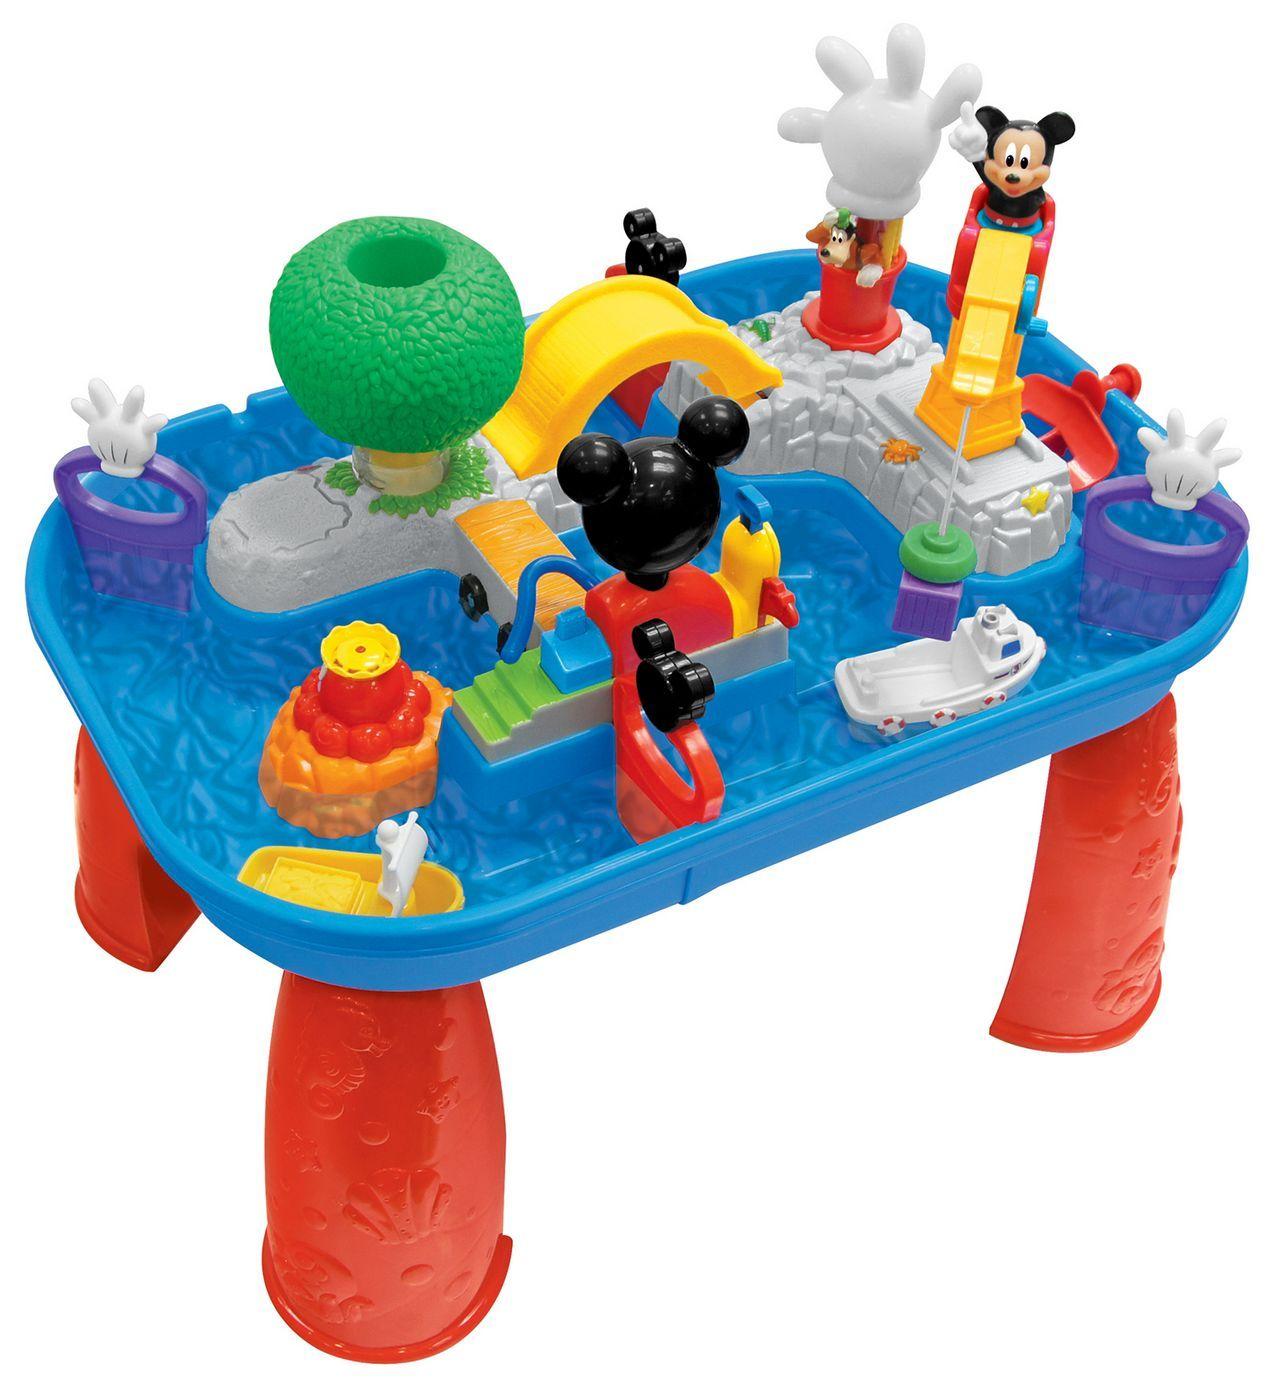 Электронная игрушка для детей Kiddieland ㊣ мальчиков Disney Микки Маус мечта парк парк 043232 счетчики воды аутентичные